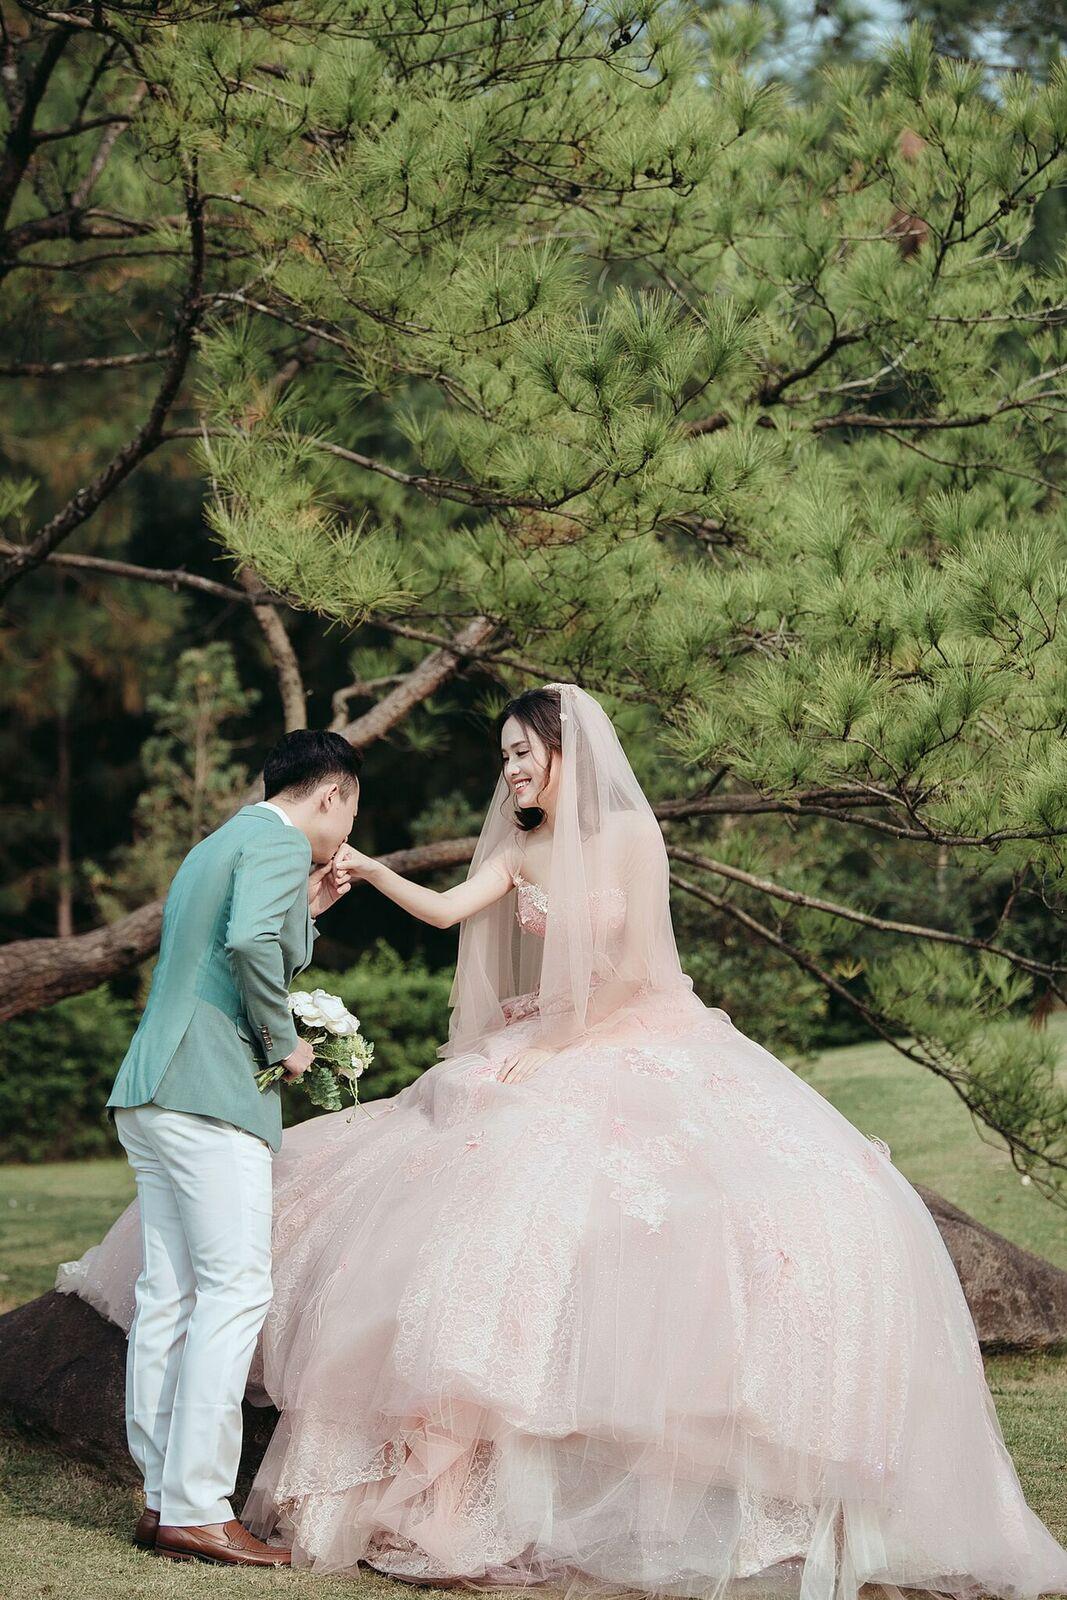 Trọn bộ ảnh cưới ngập cảnh khóa môi của nàng hậu Trần Tố Như và hot boy cảnh sát-9